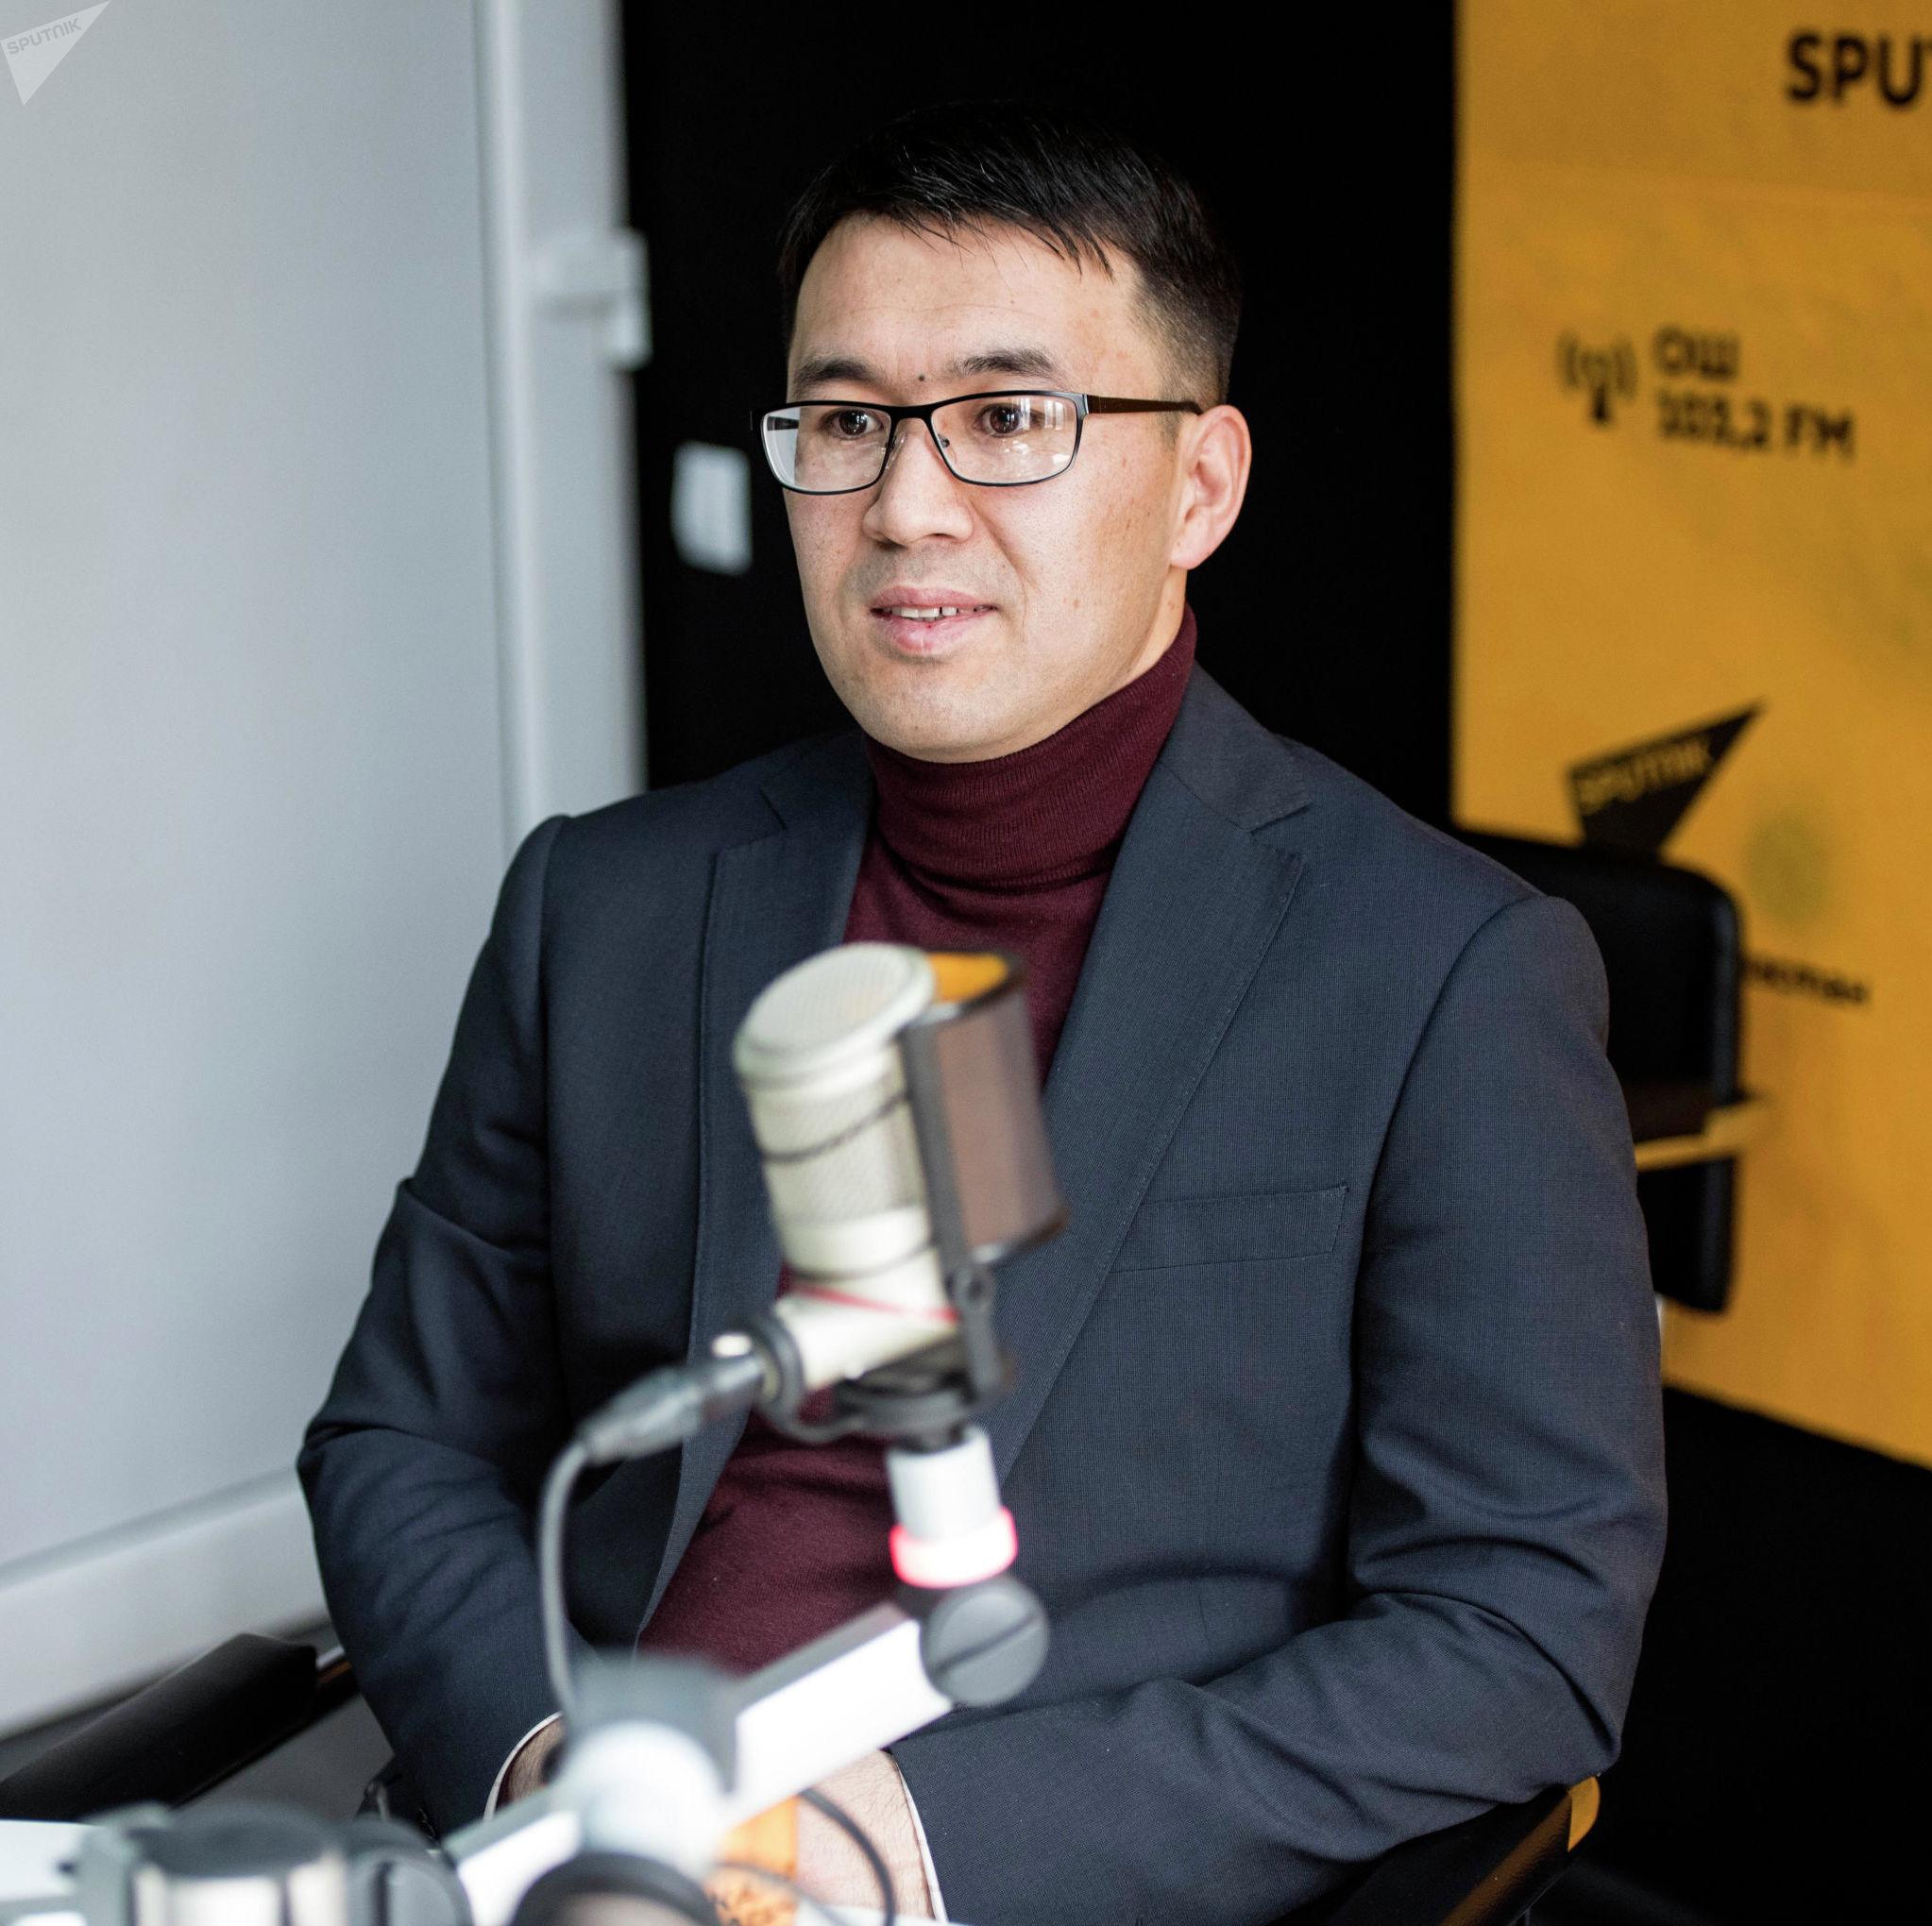 Предприниматель Алмаз Арапов во время беседы на радио Sputnik Кыргызстан